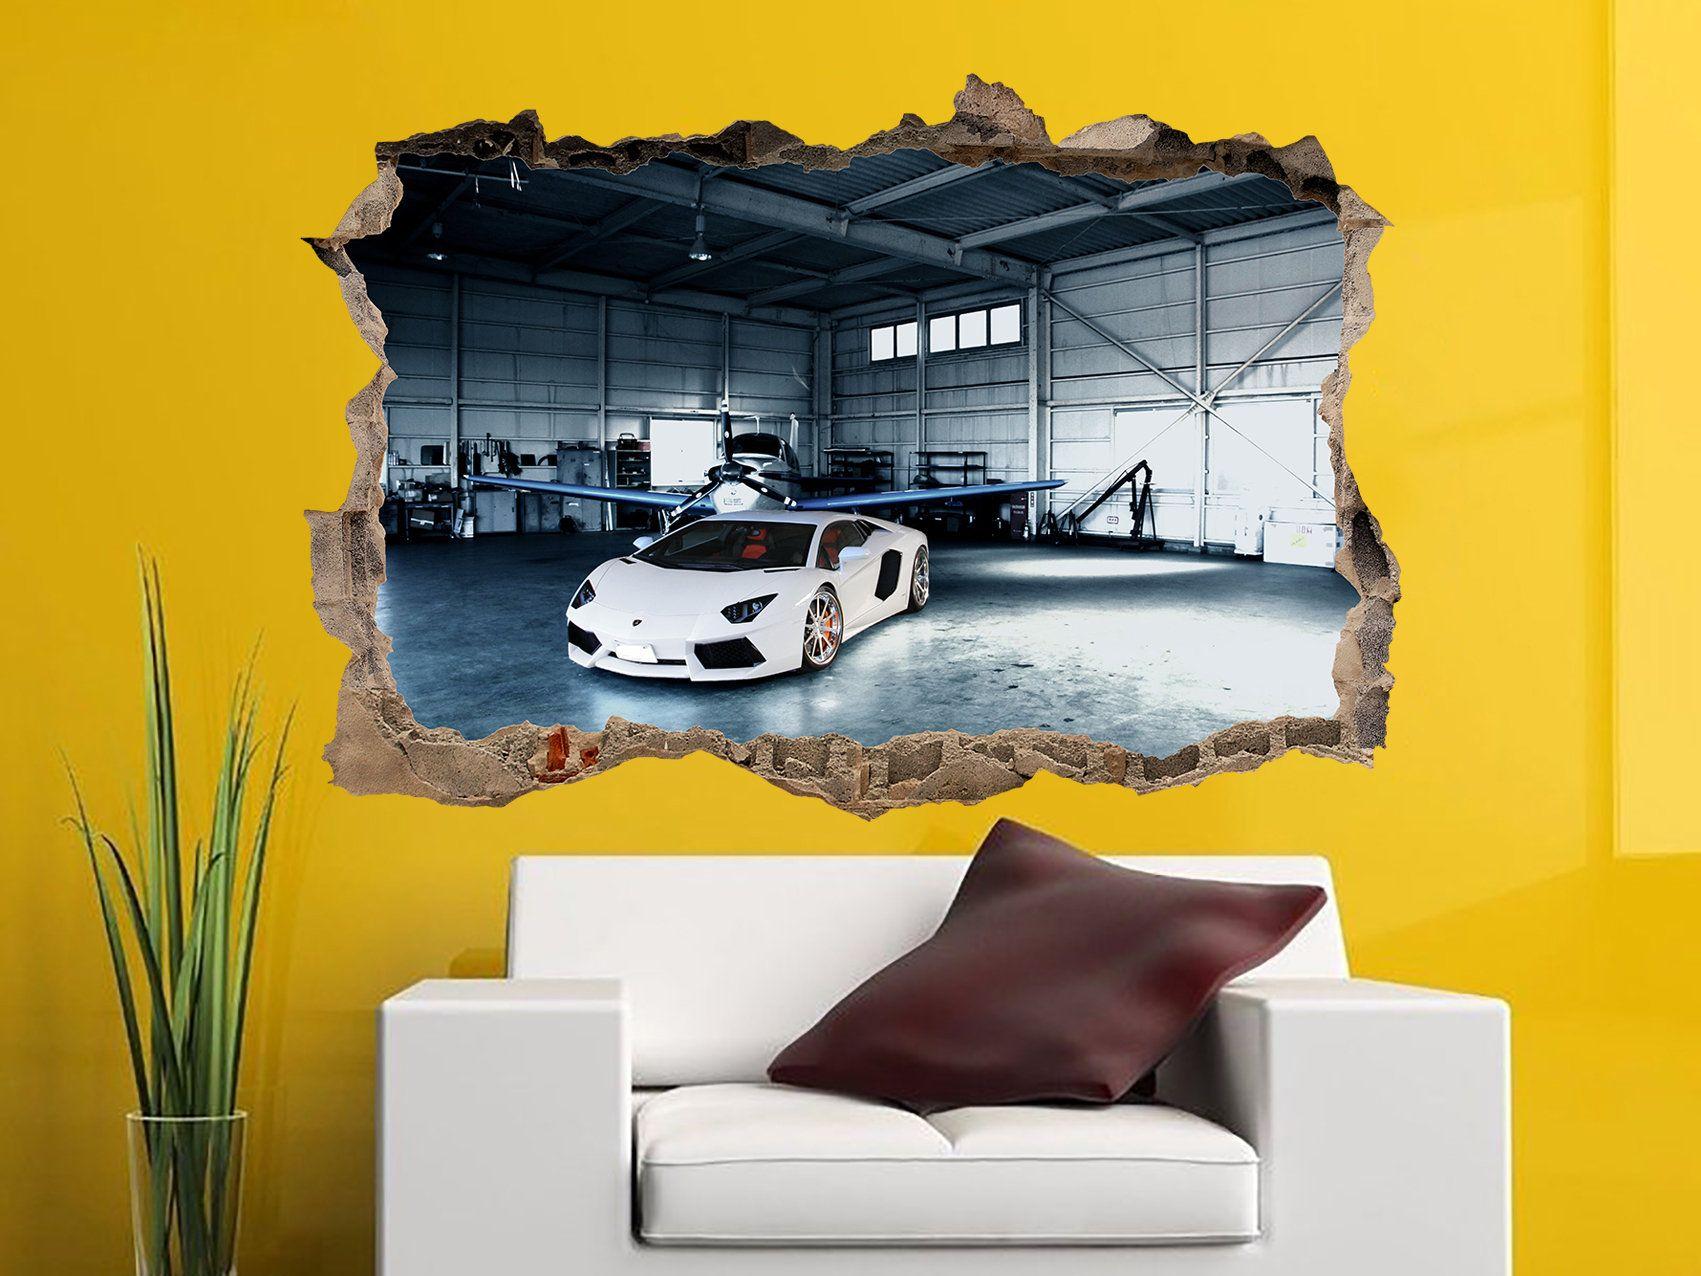 Aventador decal Lamborghini decal Aventador poster Aventador Decal Aventador sticker Aventador print Aventador vinyl Aventador mural Lambo